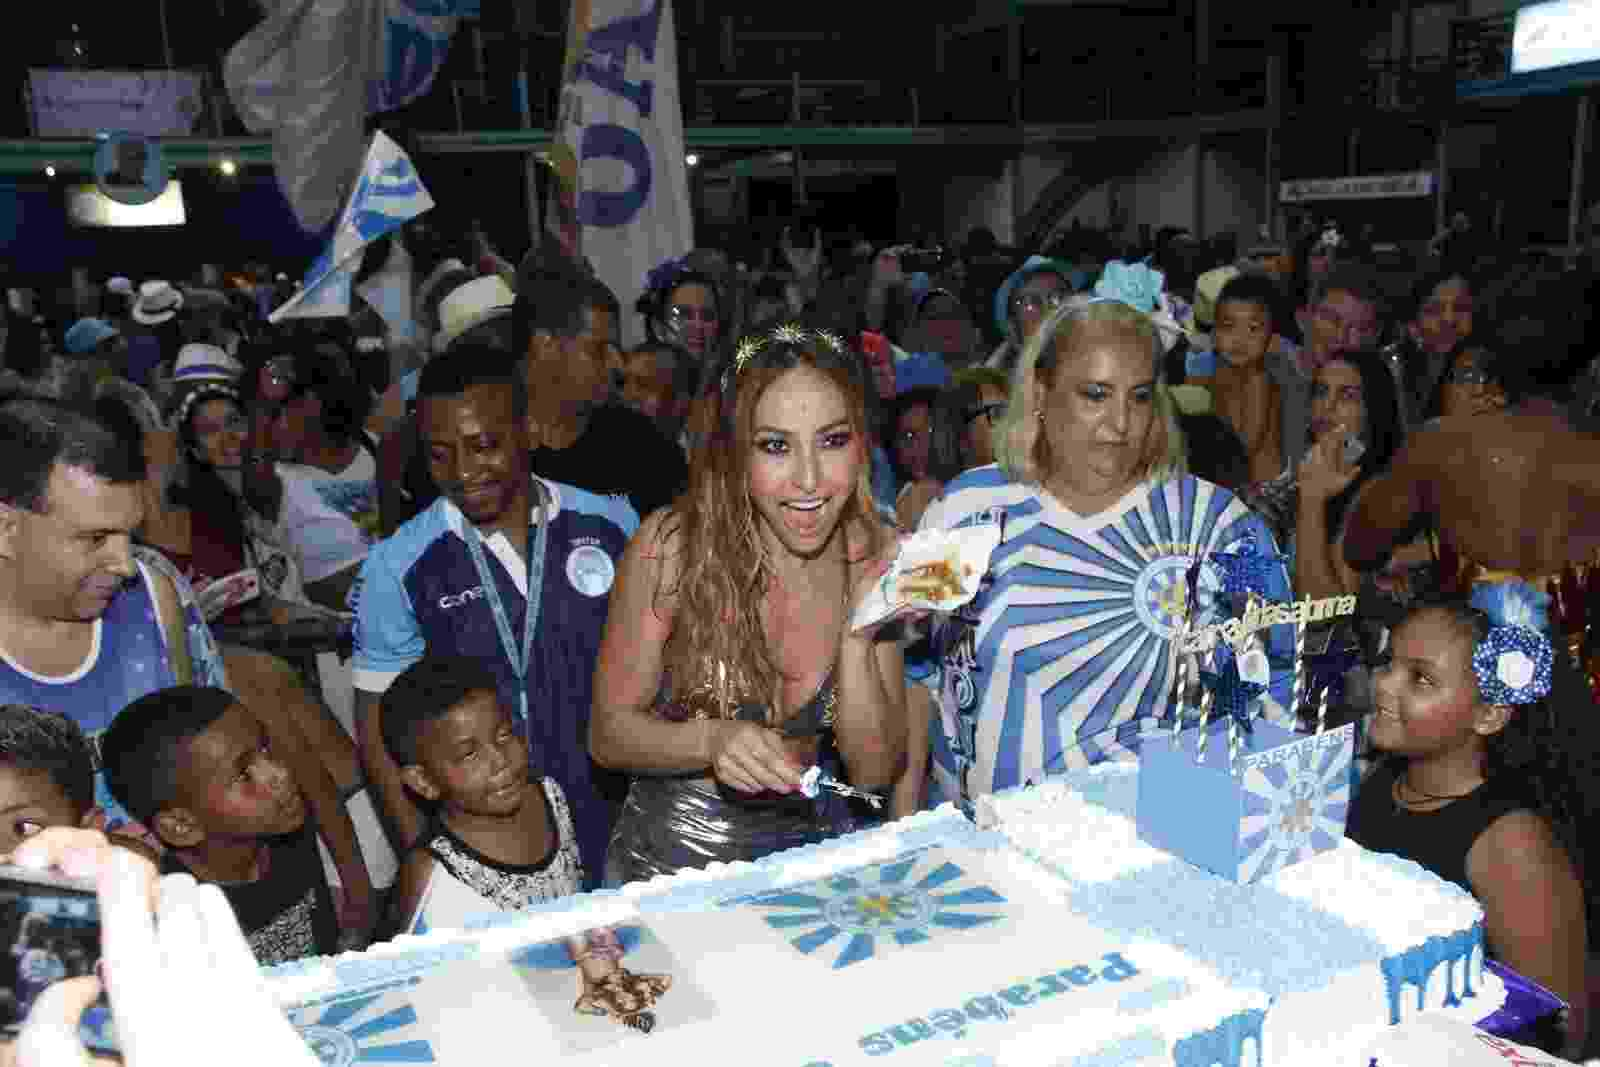 Sabrina, rainha da bateria da Vila Isabel, foi surpreendida com uma festa pelo seu aniversário logo depois de ensaiar com a escola - Marcos Ferreira/Brazil News